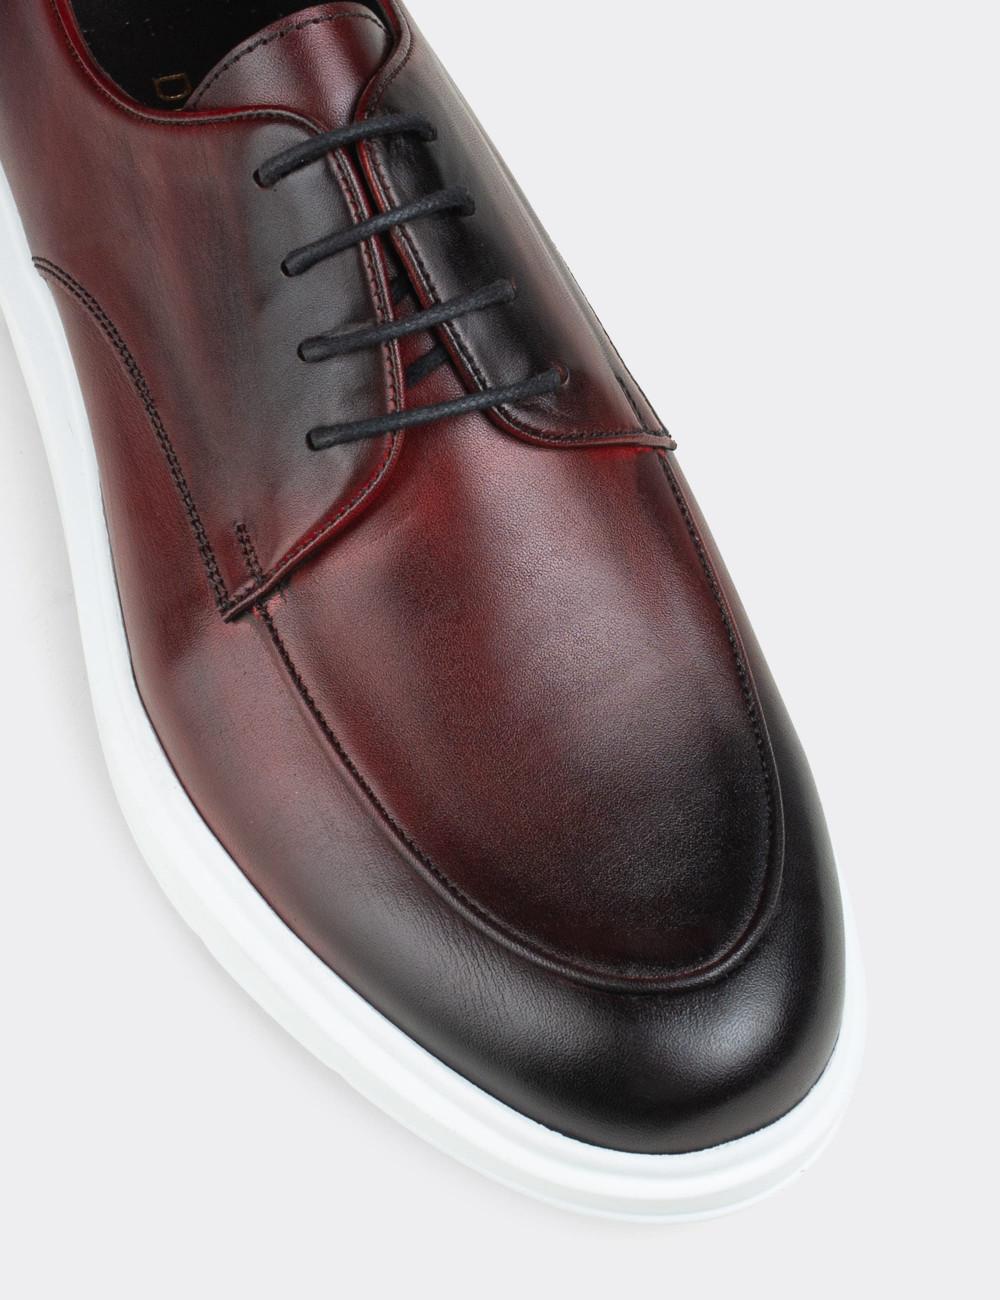 Hakiki Deri Bordo Comfort Günlük Erkek Ayakkabı - 01841MBRDP01